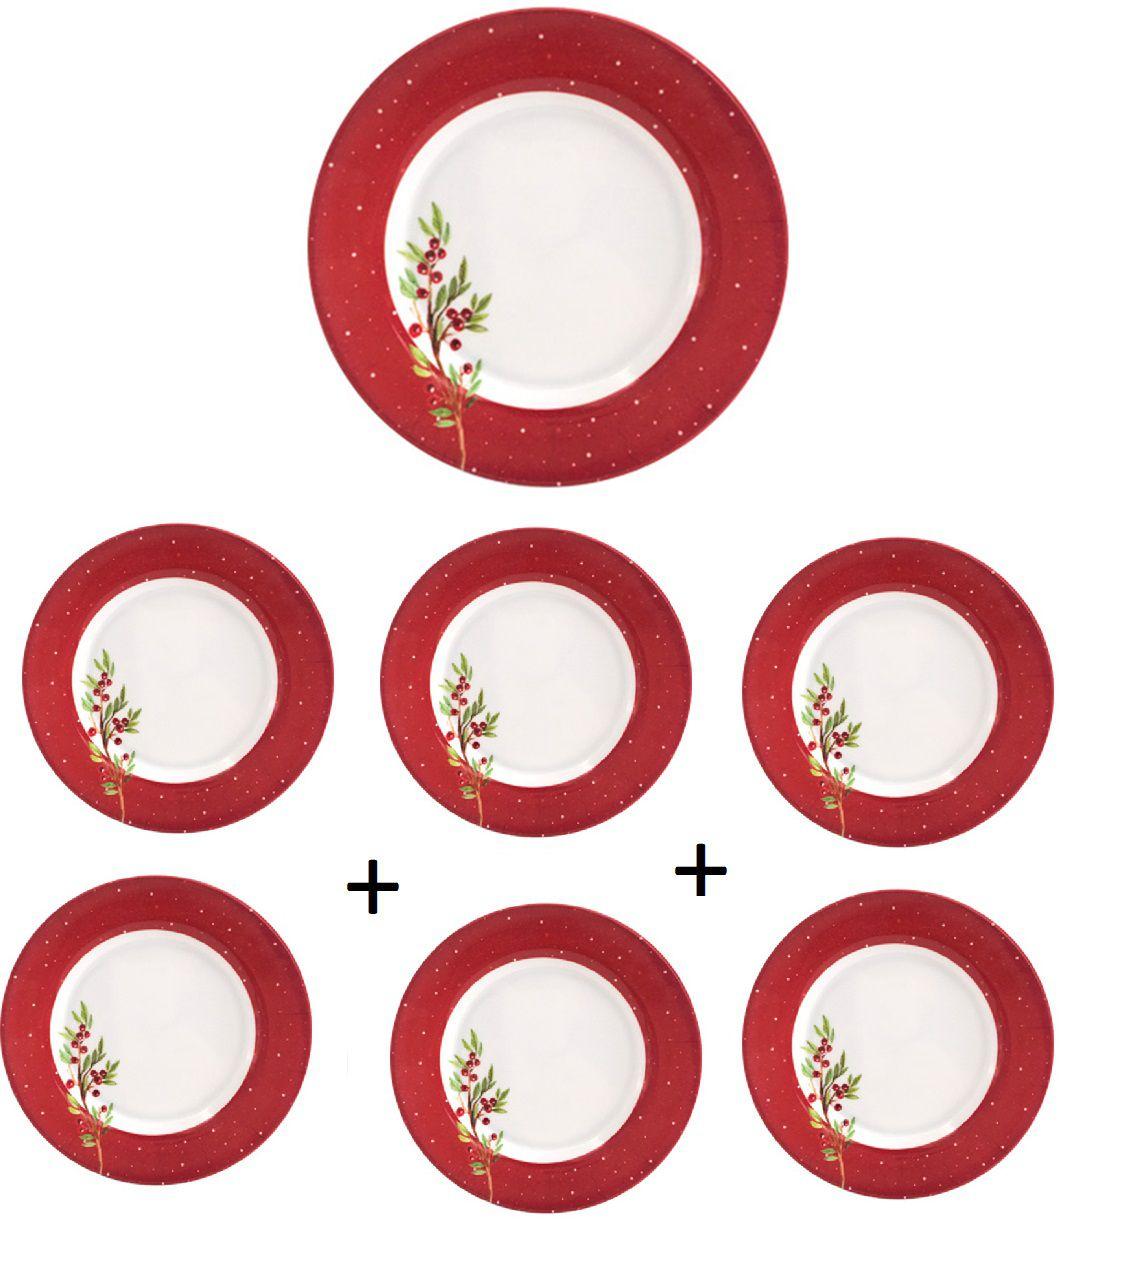 Kit 6 unidades Pratos para Sobremesa Redondo de Melamina com Decoração de Ramo Azevinho Natalinas 15 cm Ø